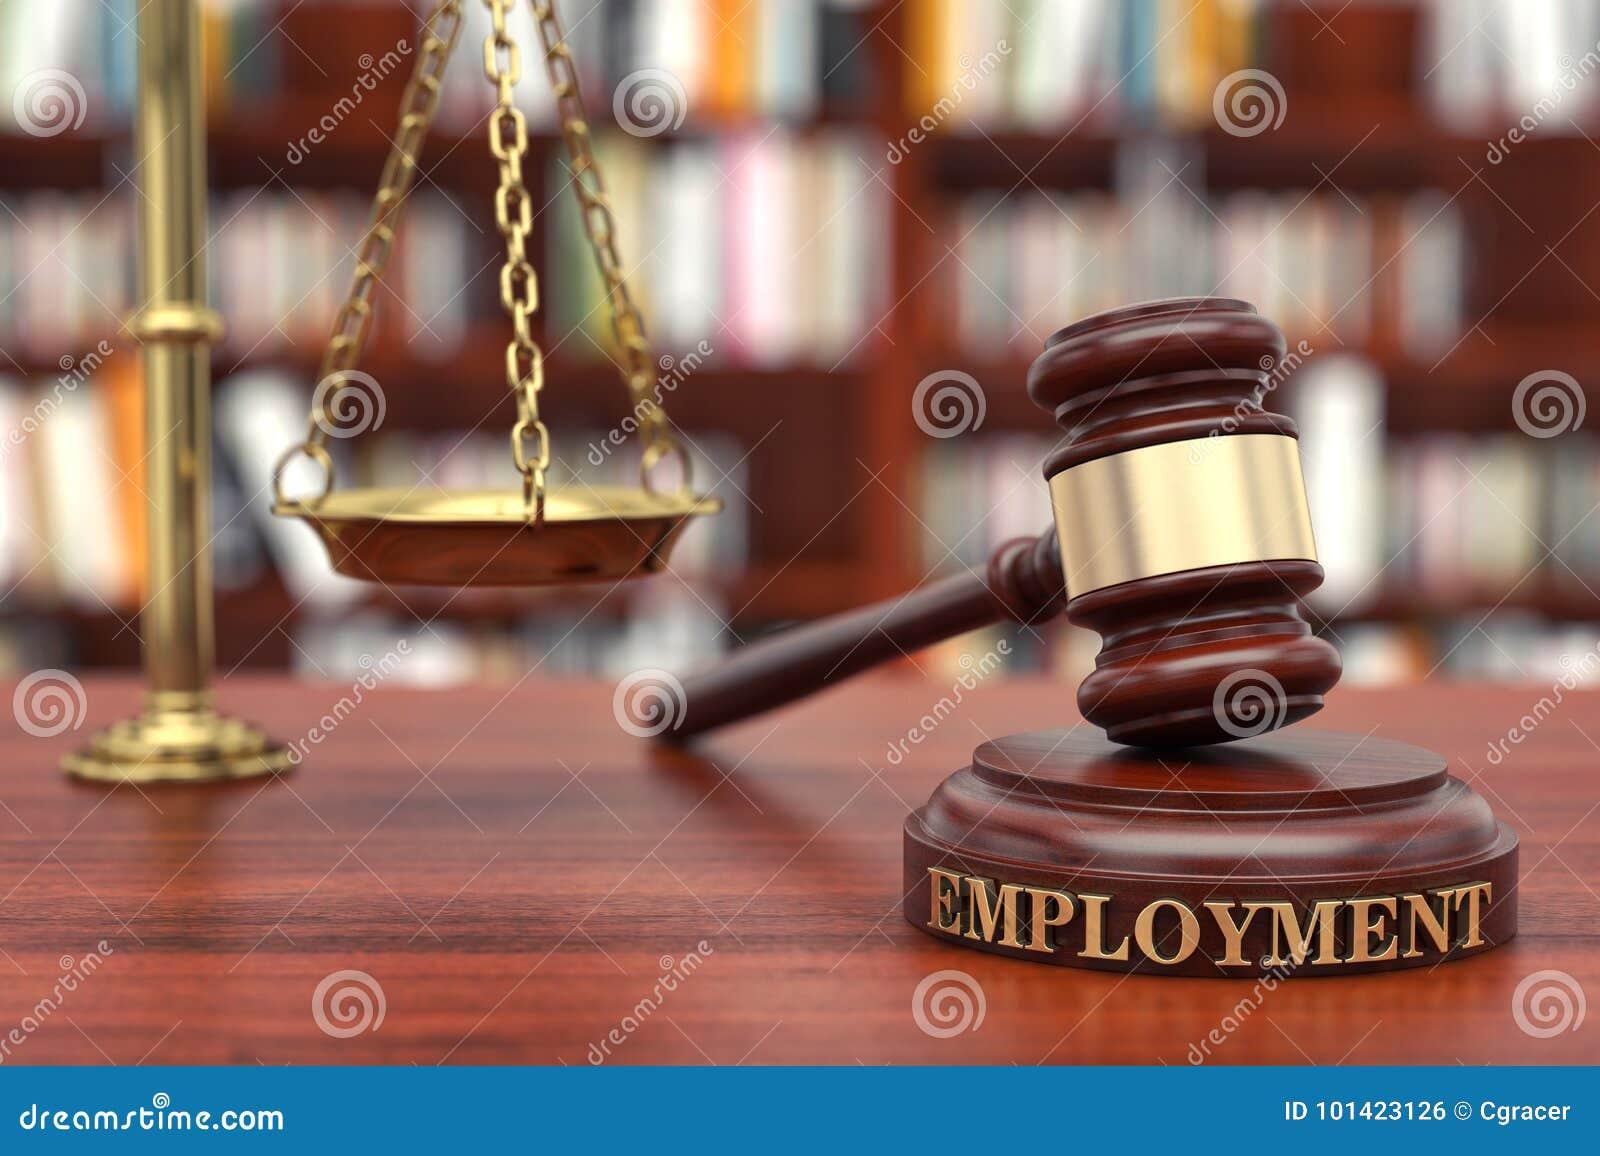 Legge di occupazione